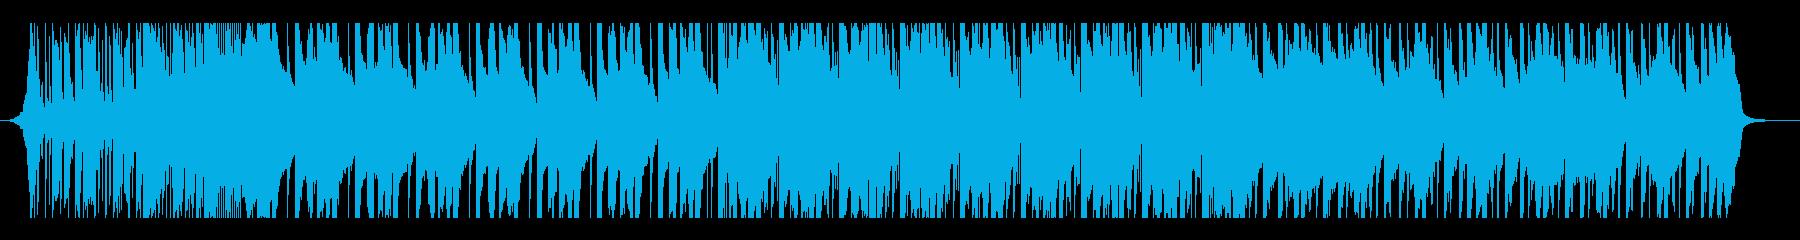 ハードアクションスポーツトラップ 90秒の再生済みの波形